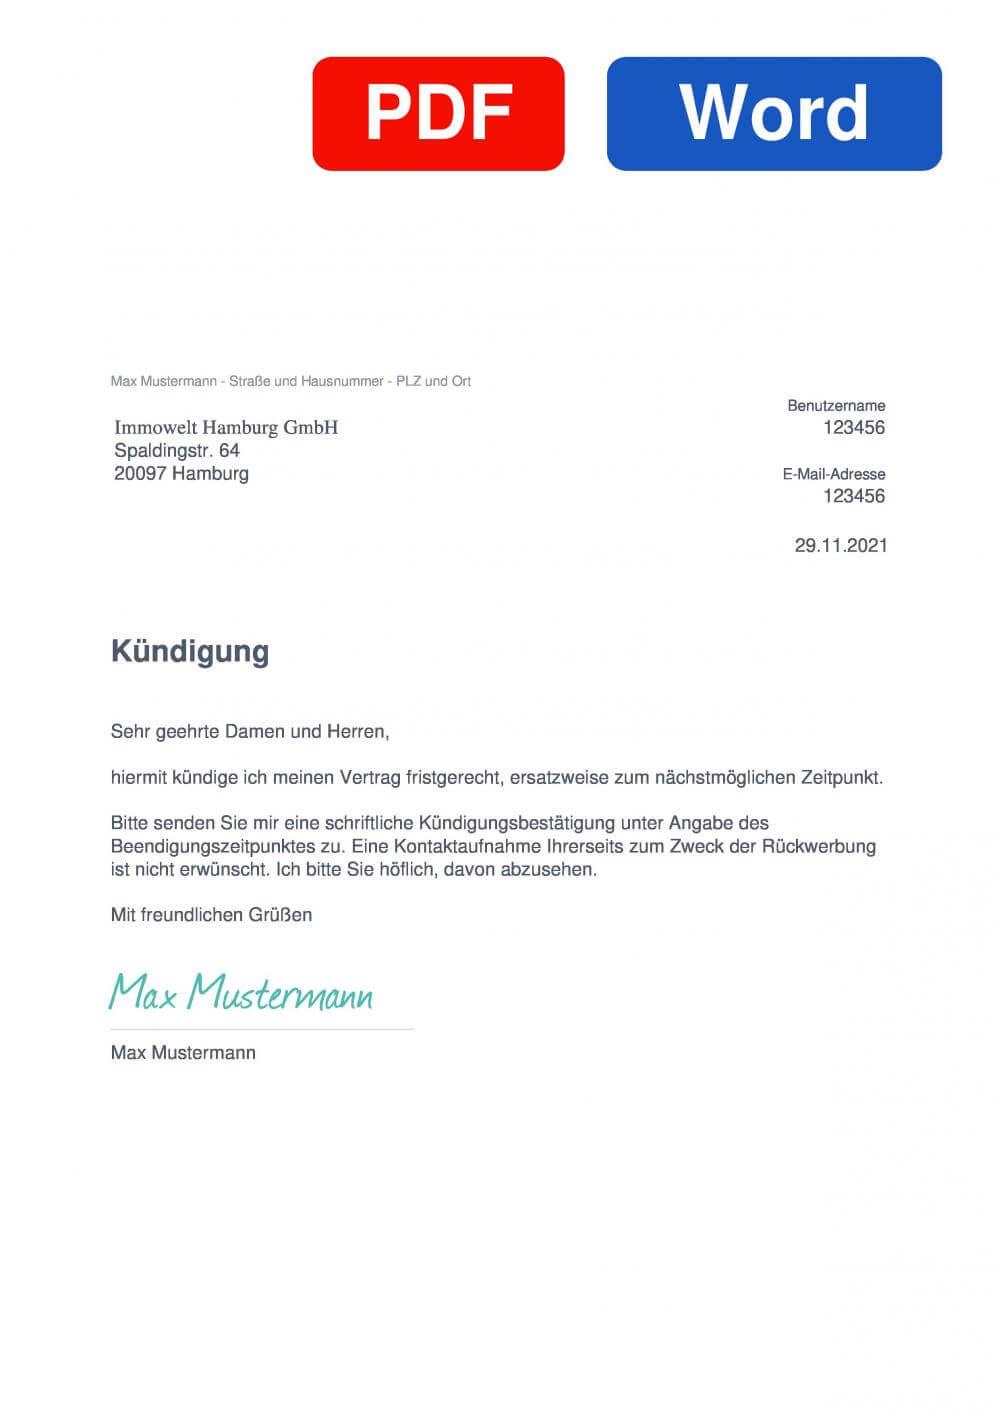 immonet Muster Vorlage für Kündigungsschreiben